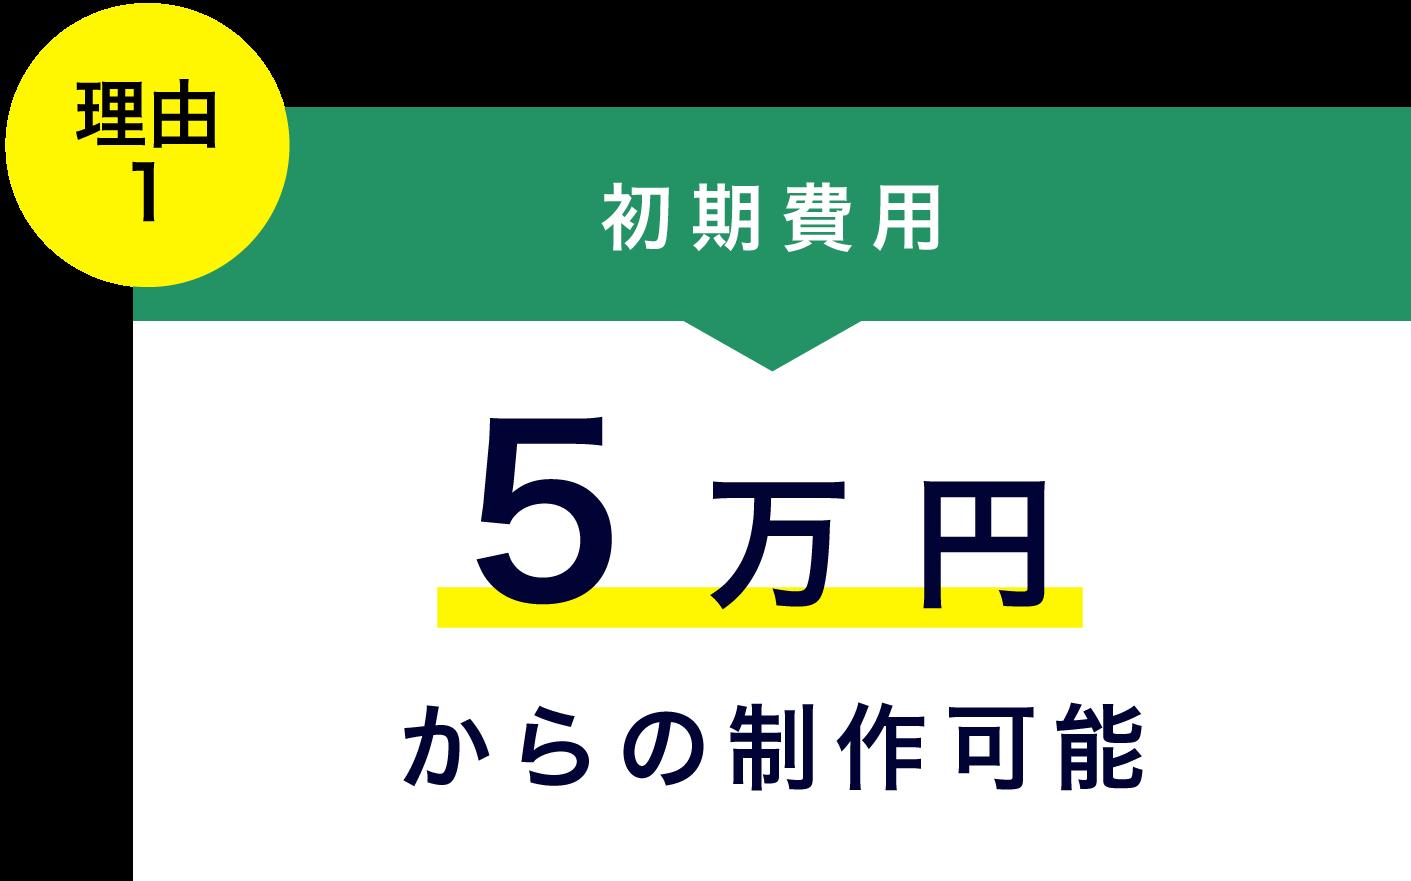 理由1初期費用5万円から制作可能